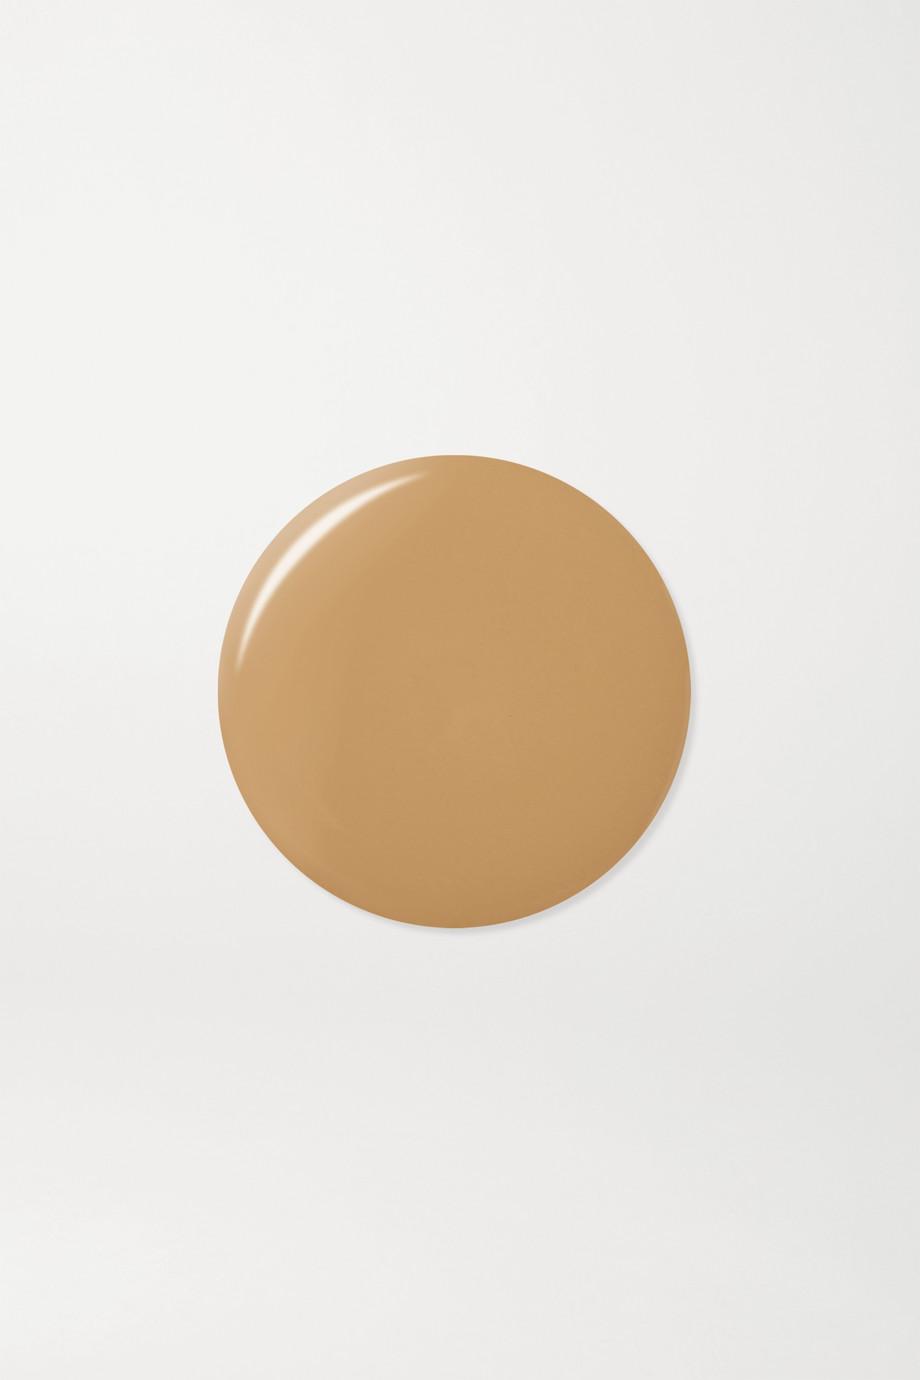 Kosas Tinted Face Oil, 30ml - 5.5